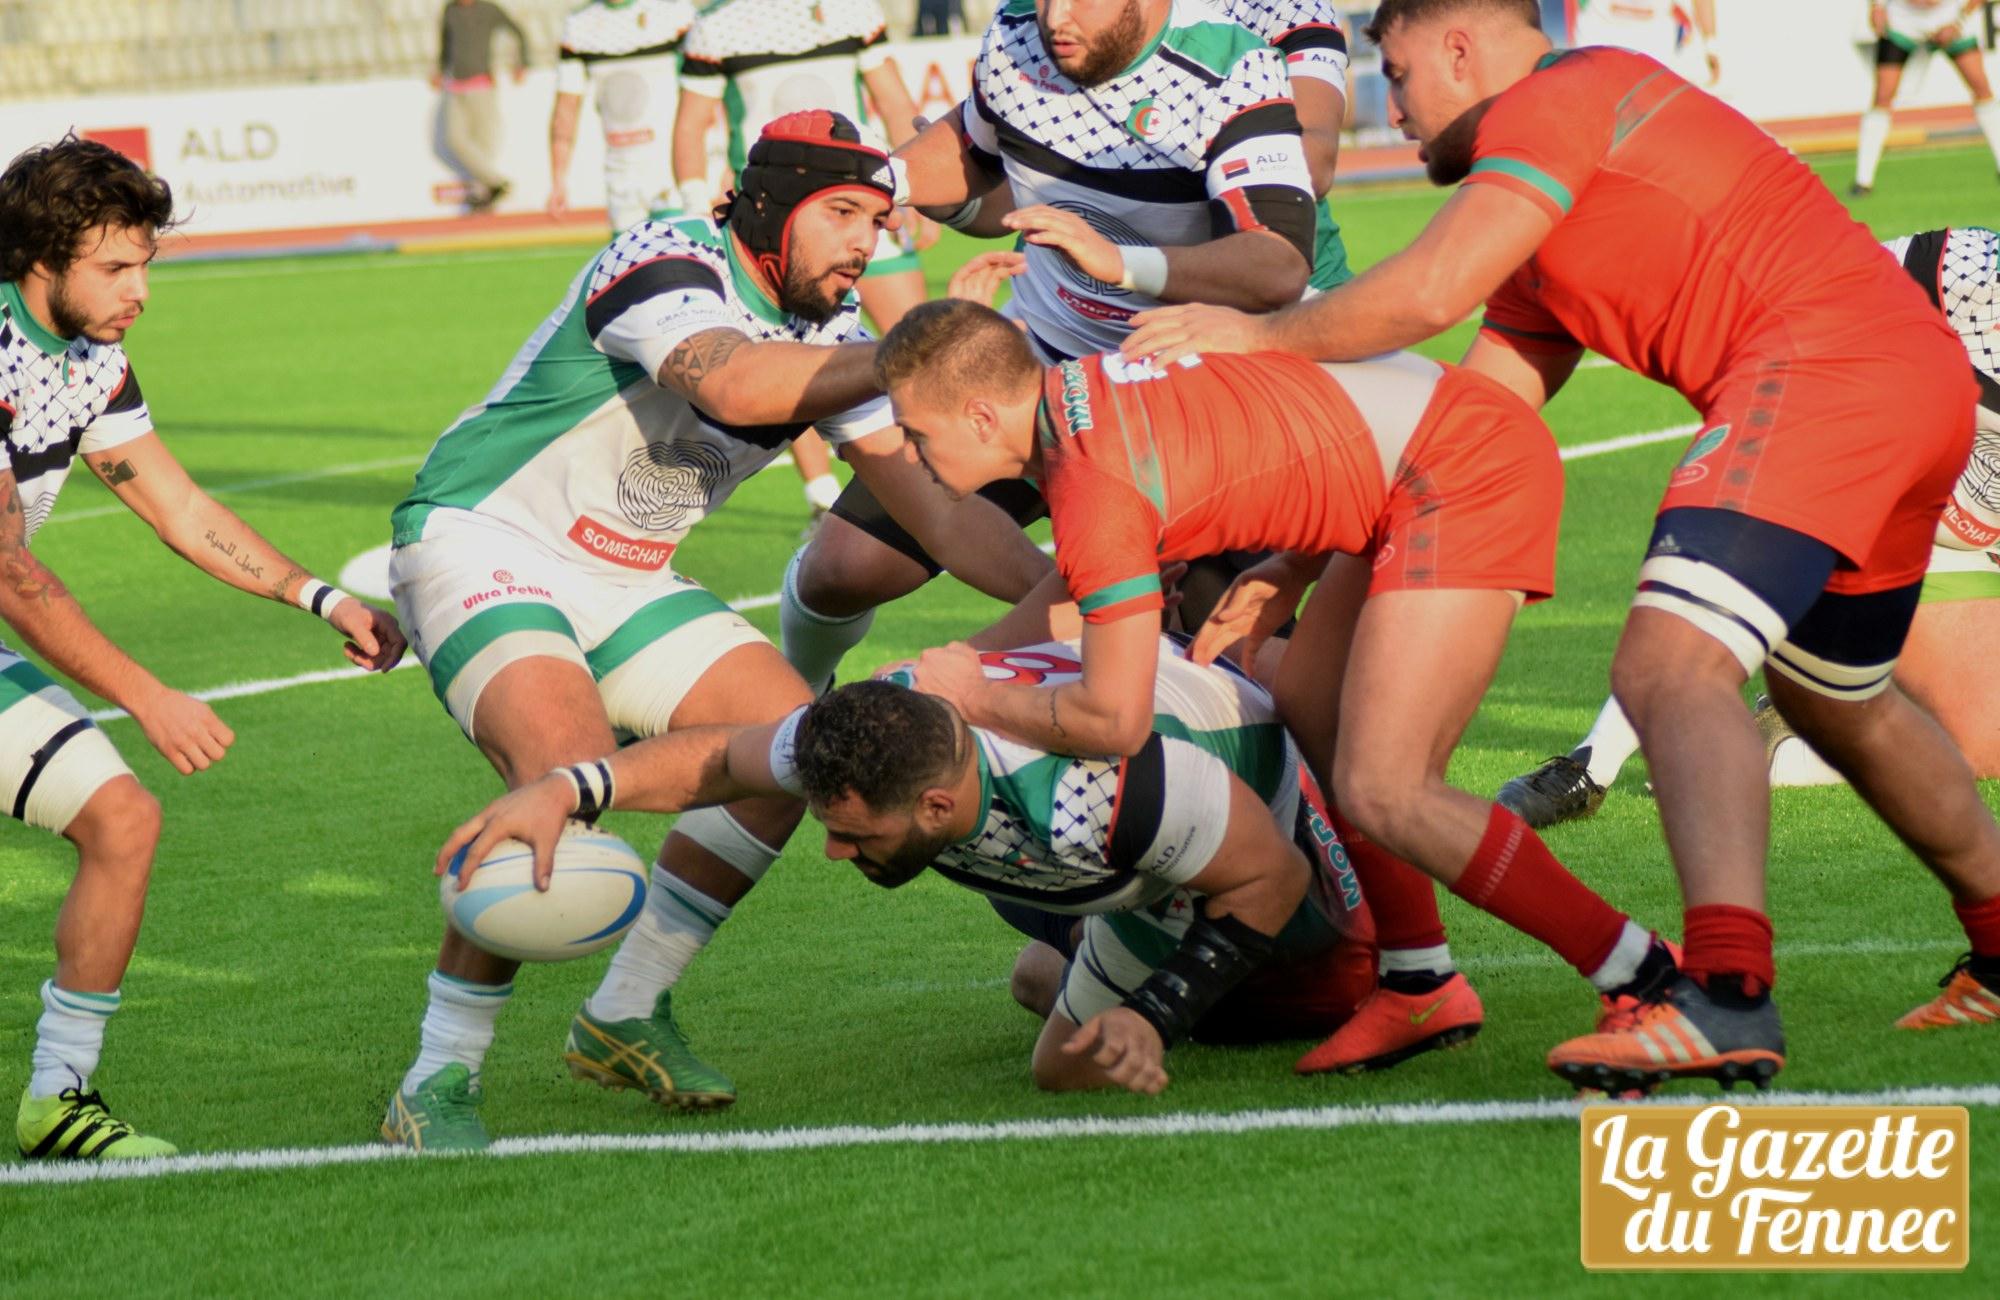 rugby-algerie-maroc-kahlouchi-essai